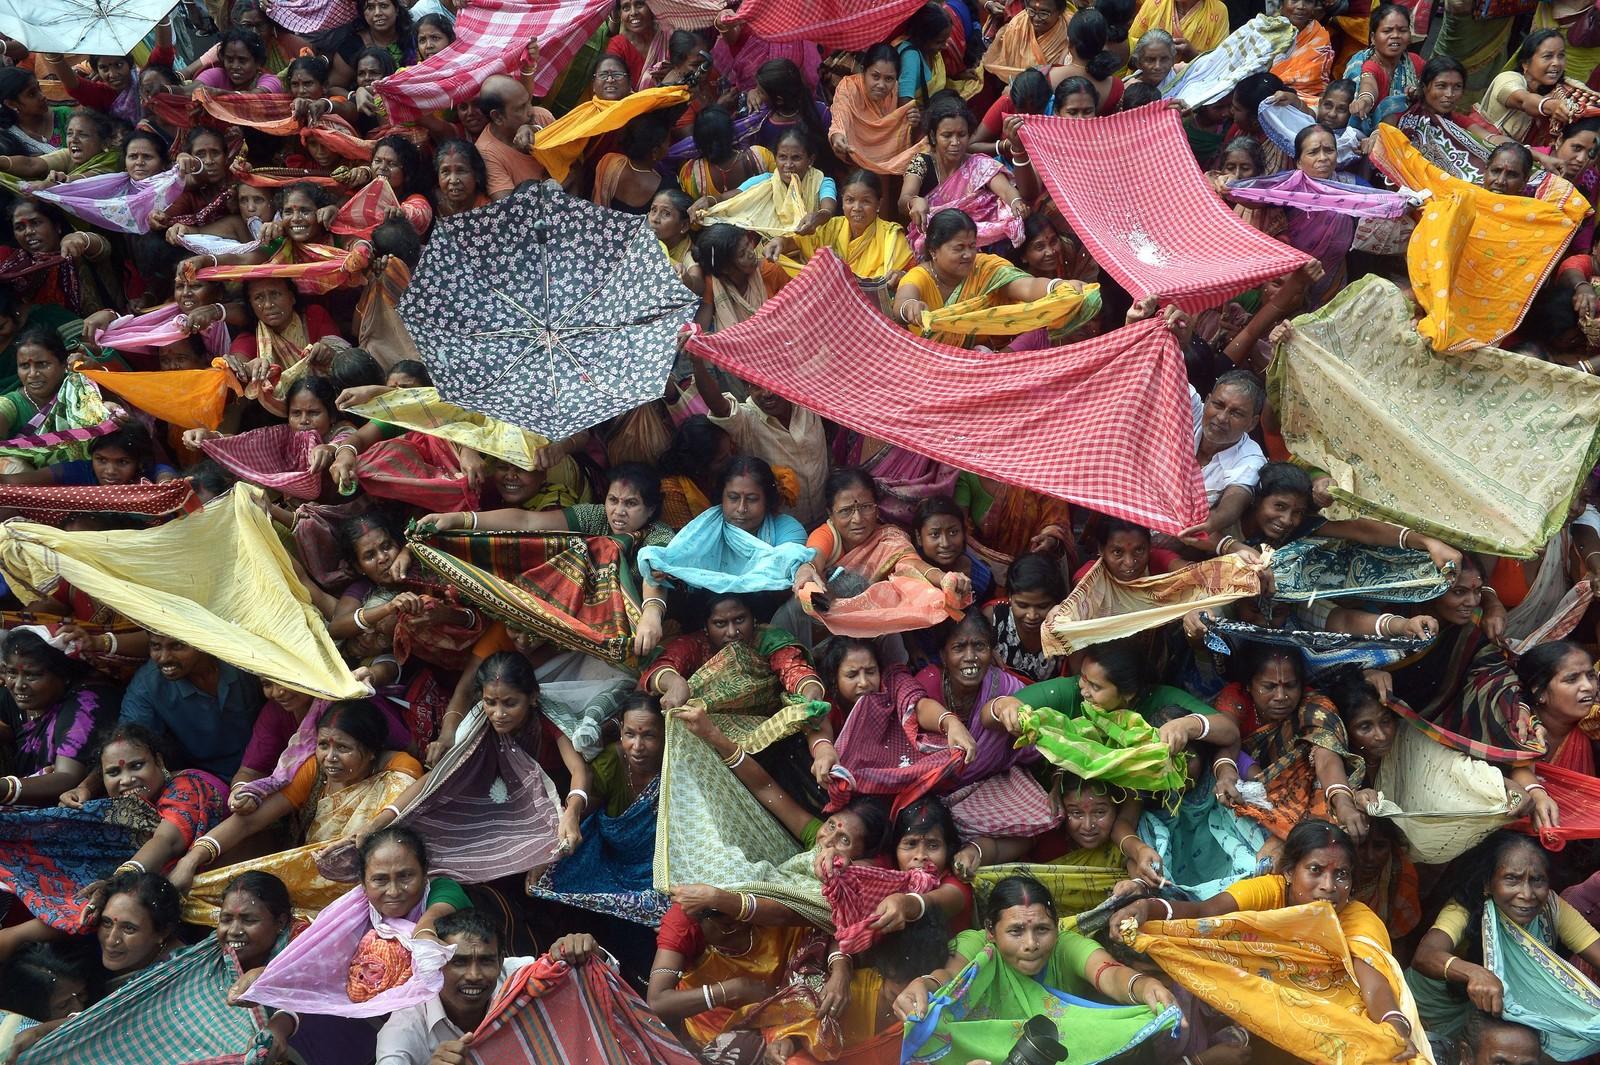 Indiske hinduer samler ris i sjalene sine under en offerseremoni på Annakut-festivalen ved Radha Madhav-tempelet i Kolkata. Den symbolske handlingen skal gi dem god helse og sikre et liv uten sult og fattigdom.